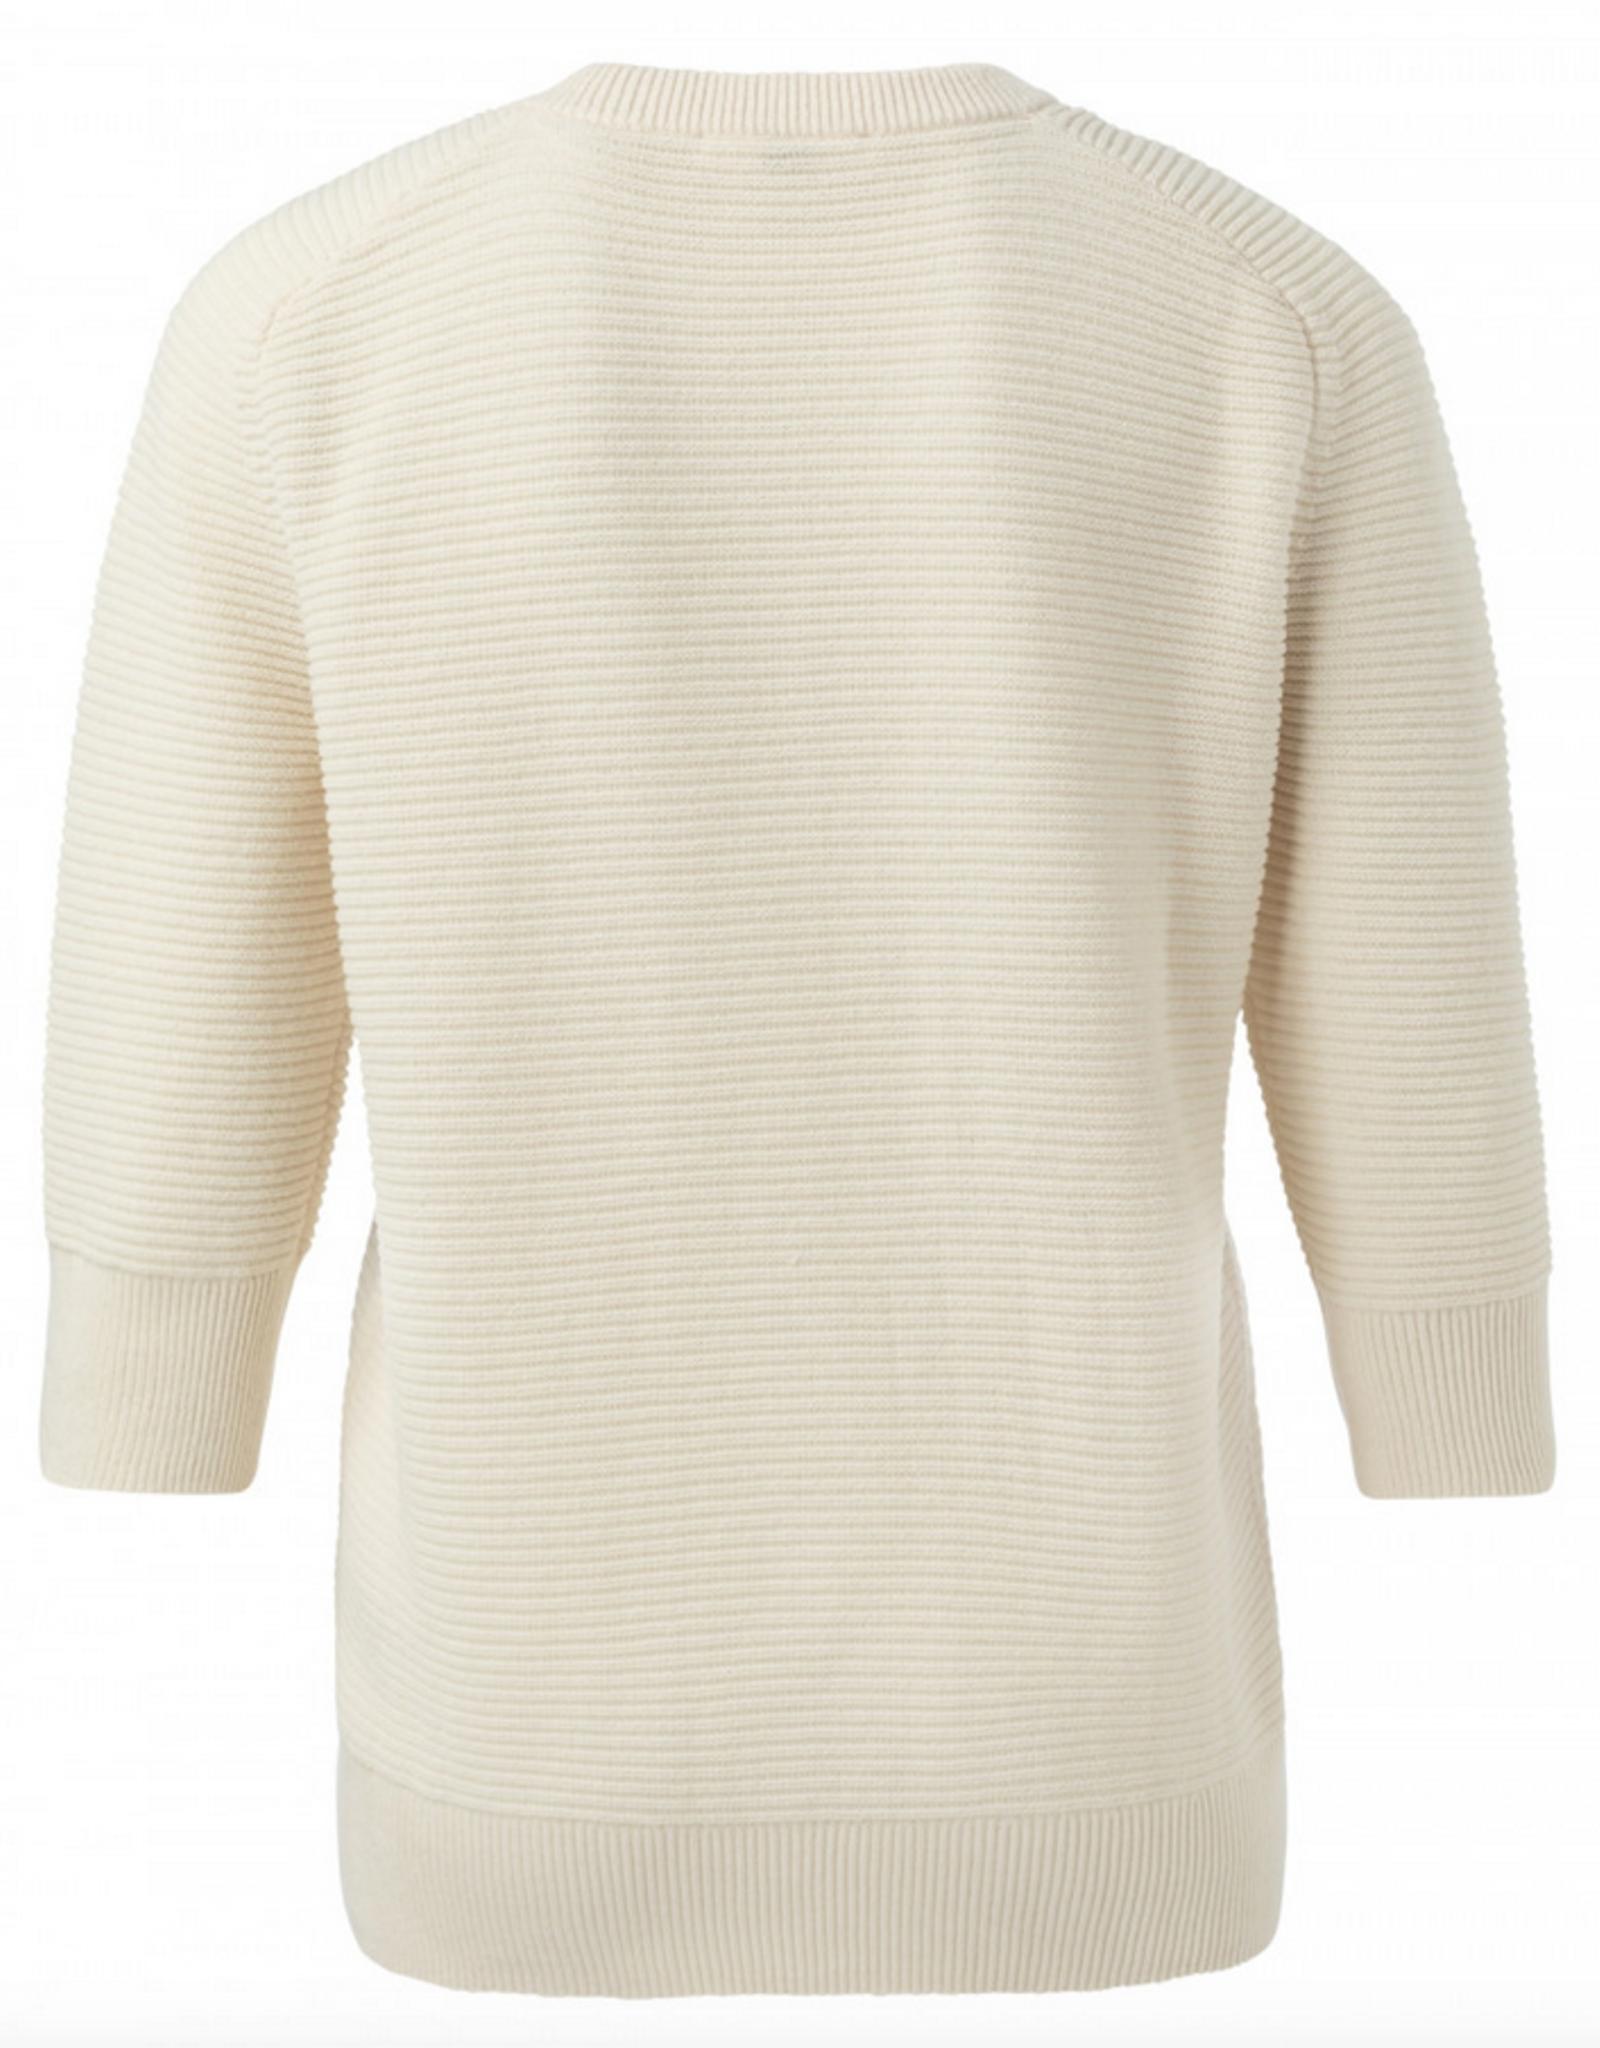 YAYA Mix Ribbed Sweater